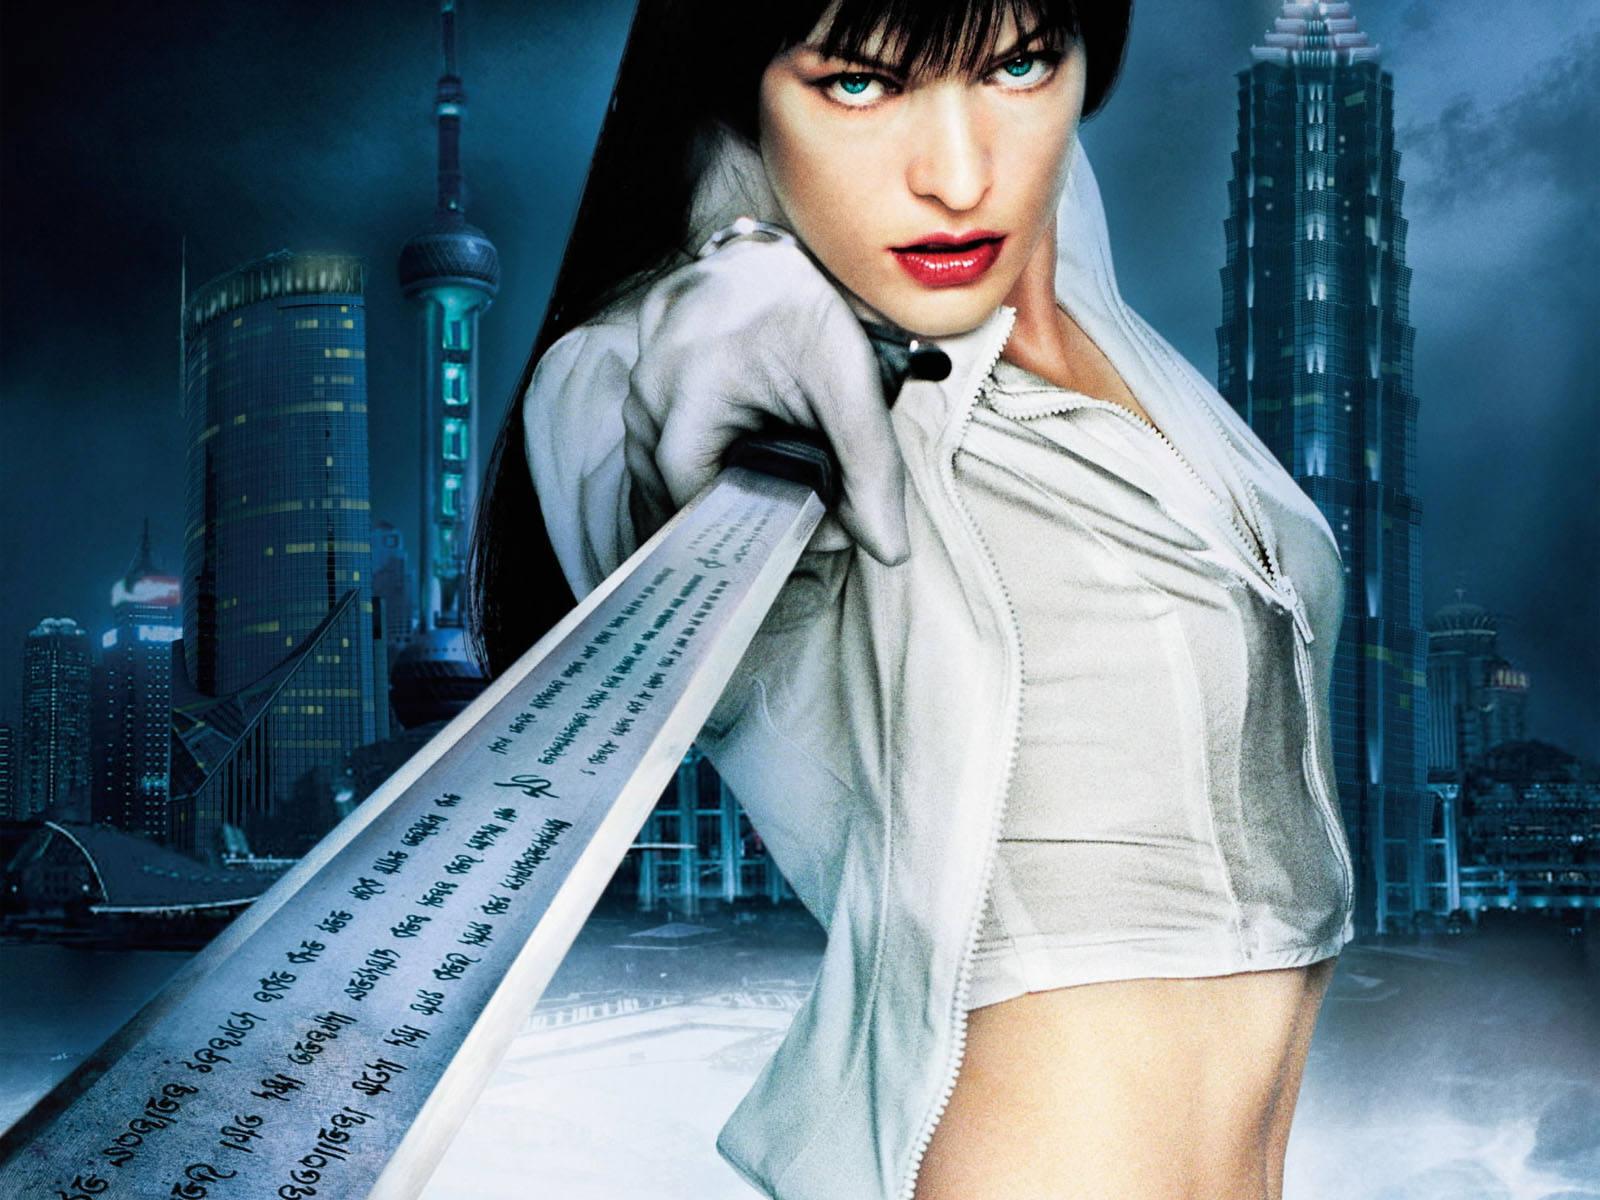 Milla Jovovich - Milla... Milla Jovovich Movies